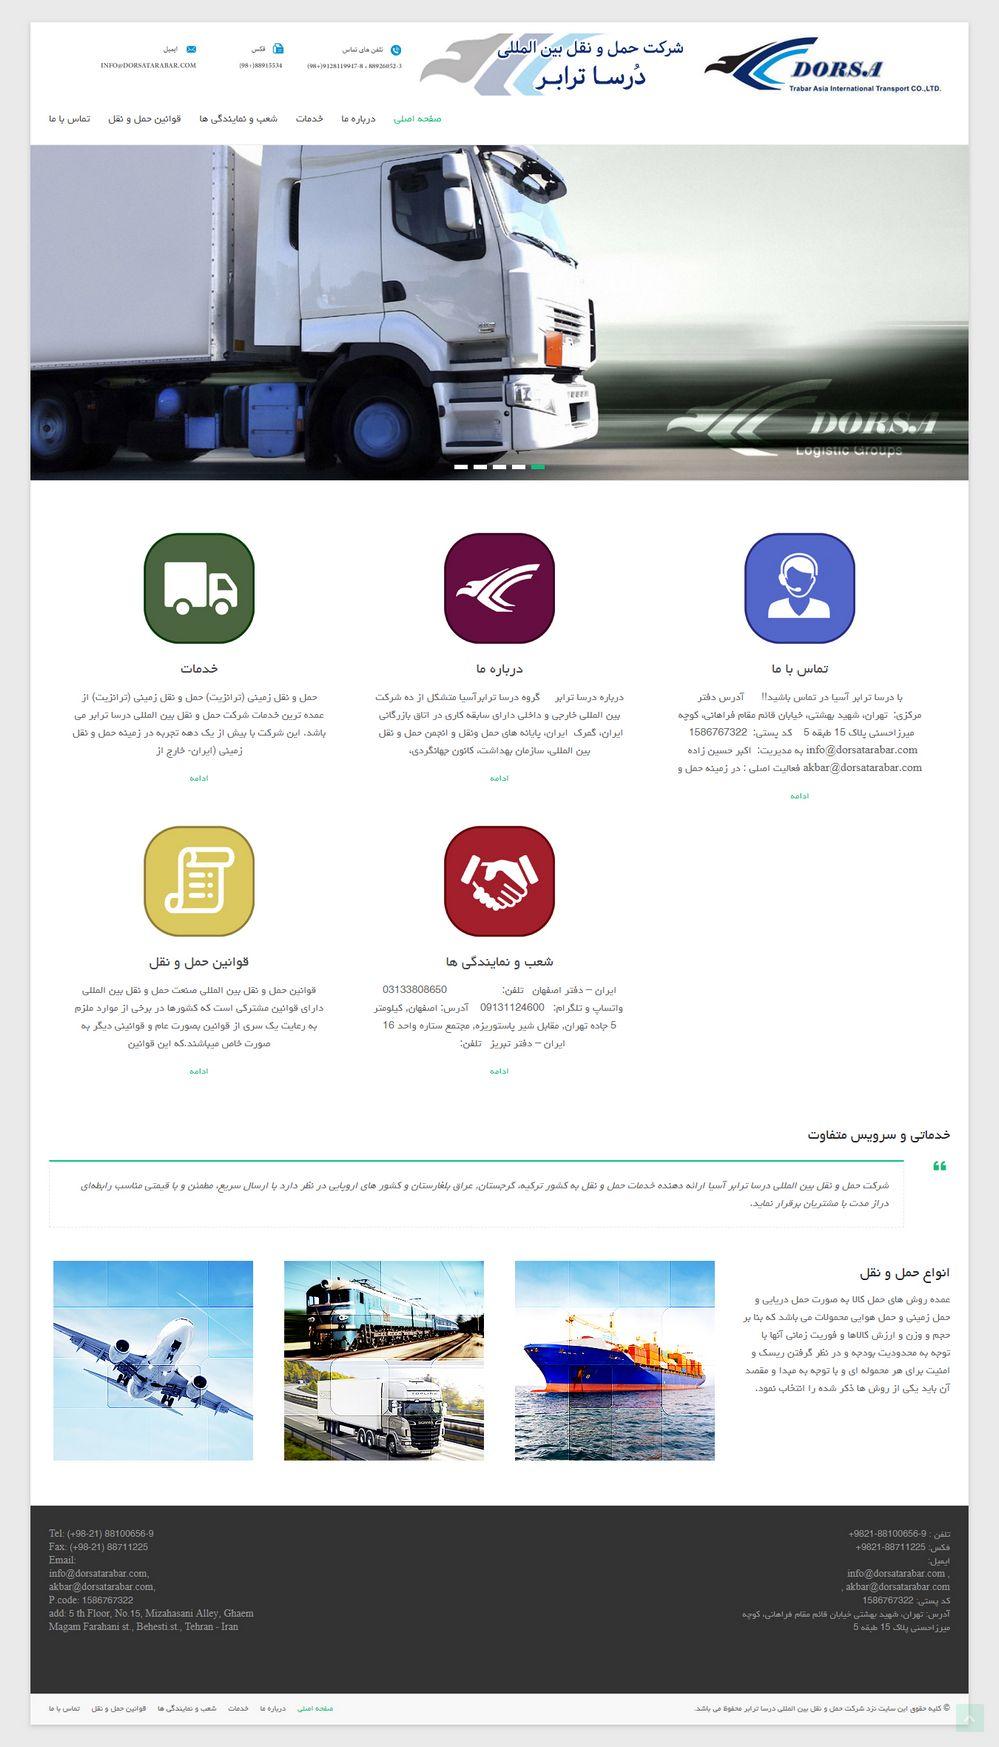 طراحی سایت شرکت بازرگانی و حمل و نقل درسا ترابر